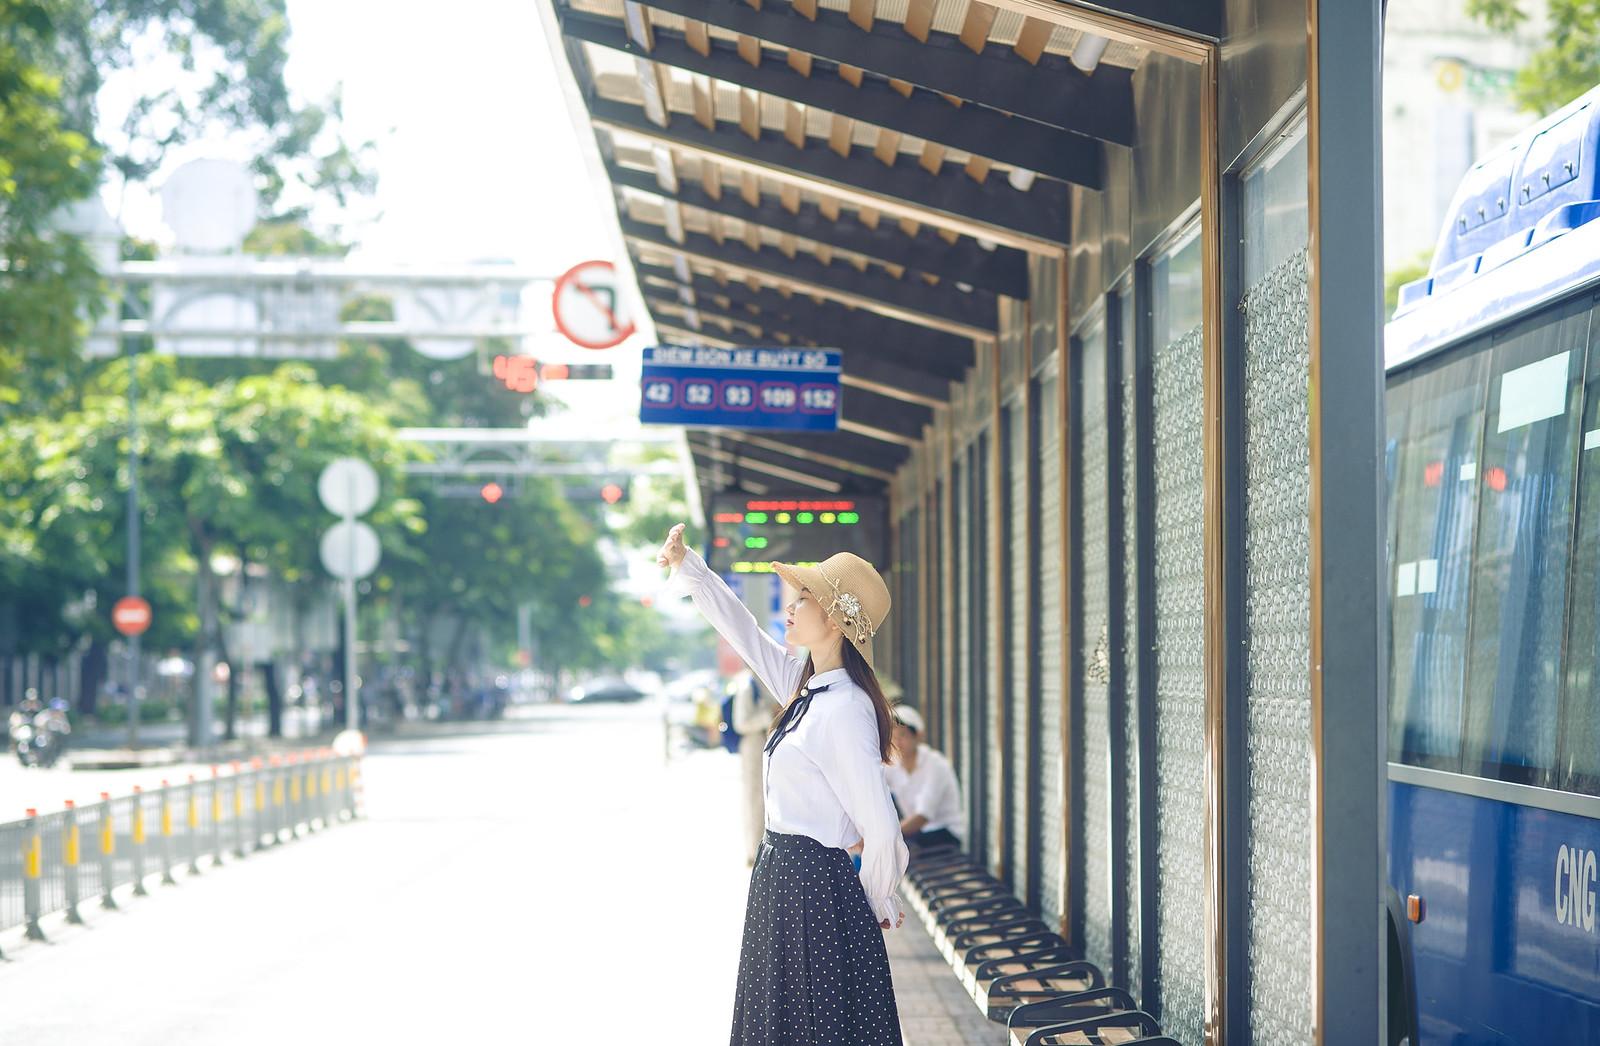 42406836134 349dae4a8c h - Trạm xe buýt quận 1, địa điểm check-in mới cho giới trẻ Sài Gòn